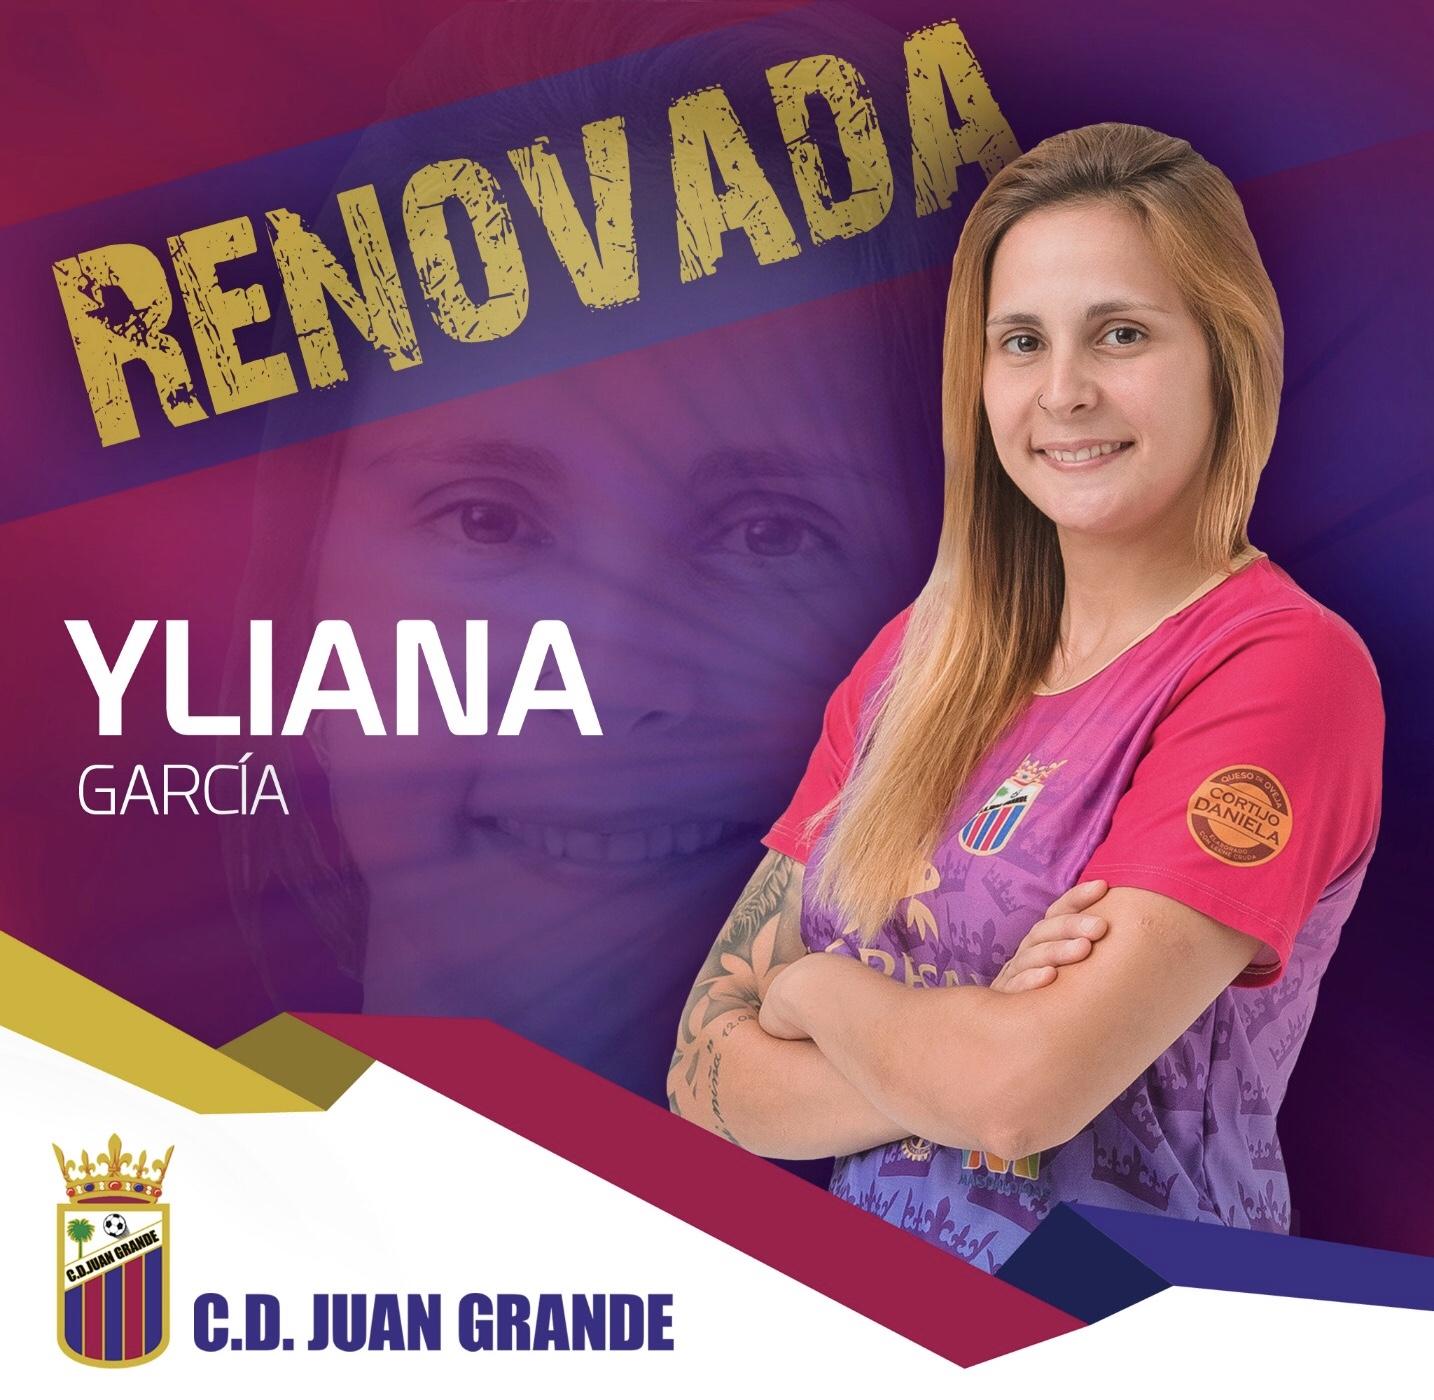 Renovación Yliana García